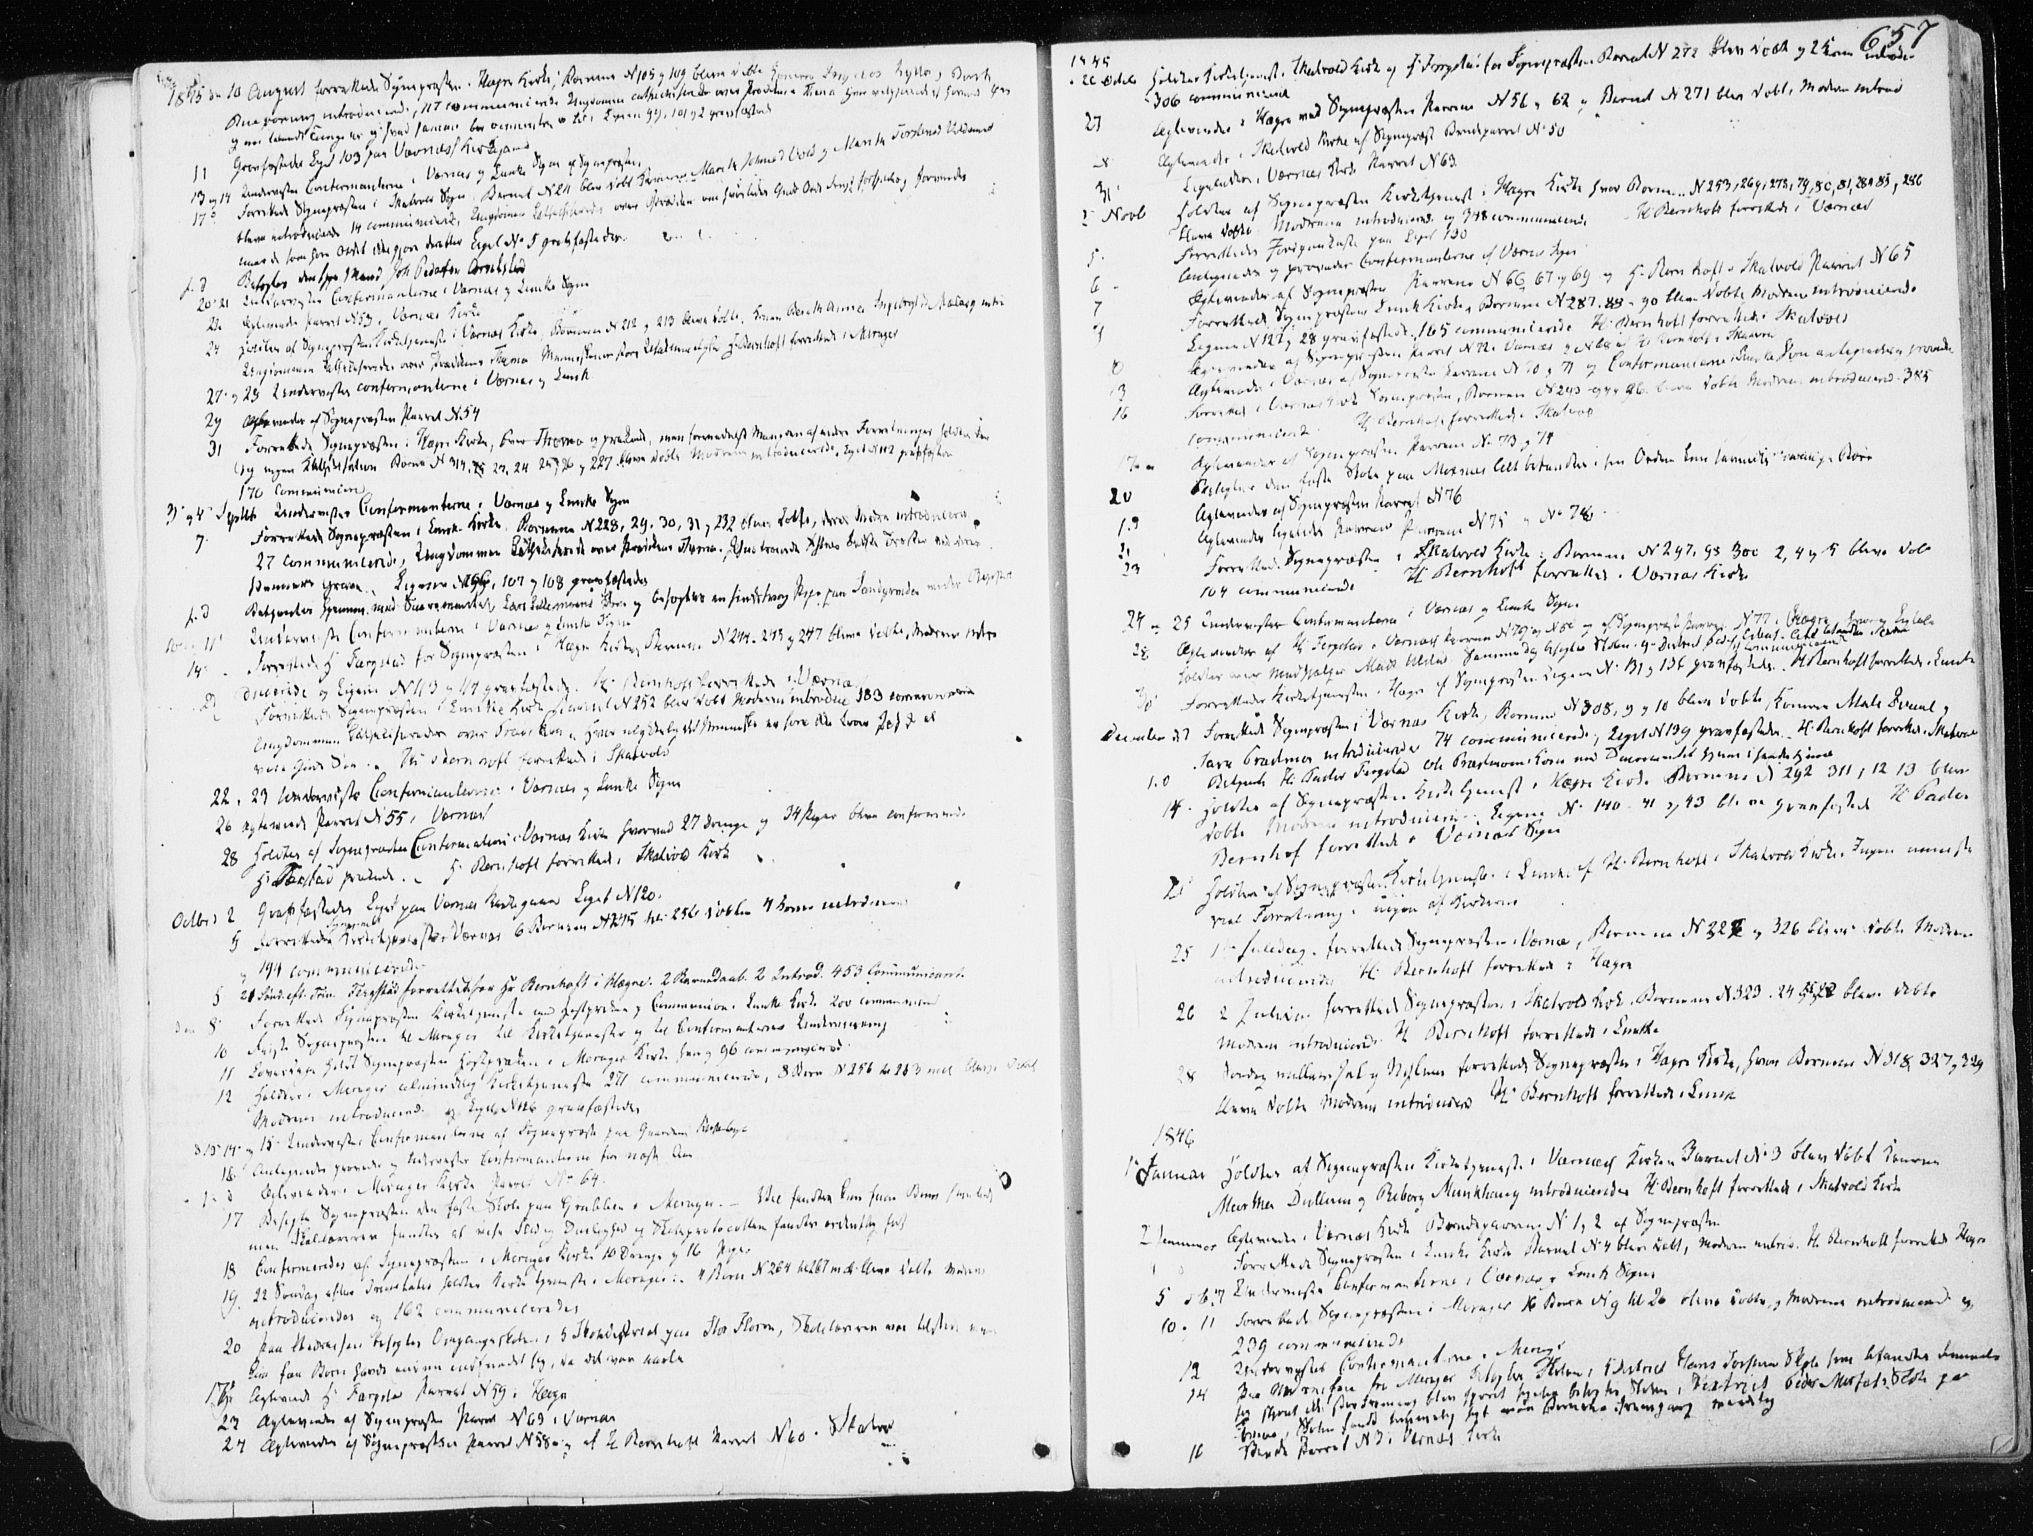 SAT, Ministerialprotokoller, klokkerbøker og fødselsregistre - Nord-Trøndelag, 709/L0074: Ministerialbok nr. 709A14, 1845-1858, s. 657